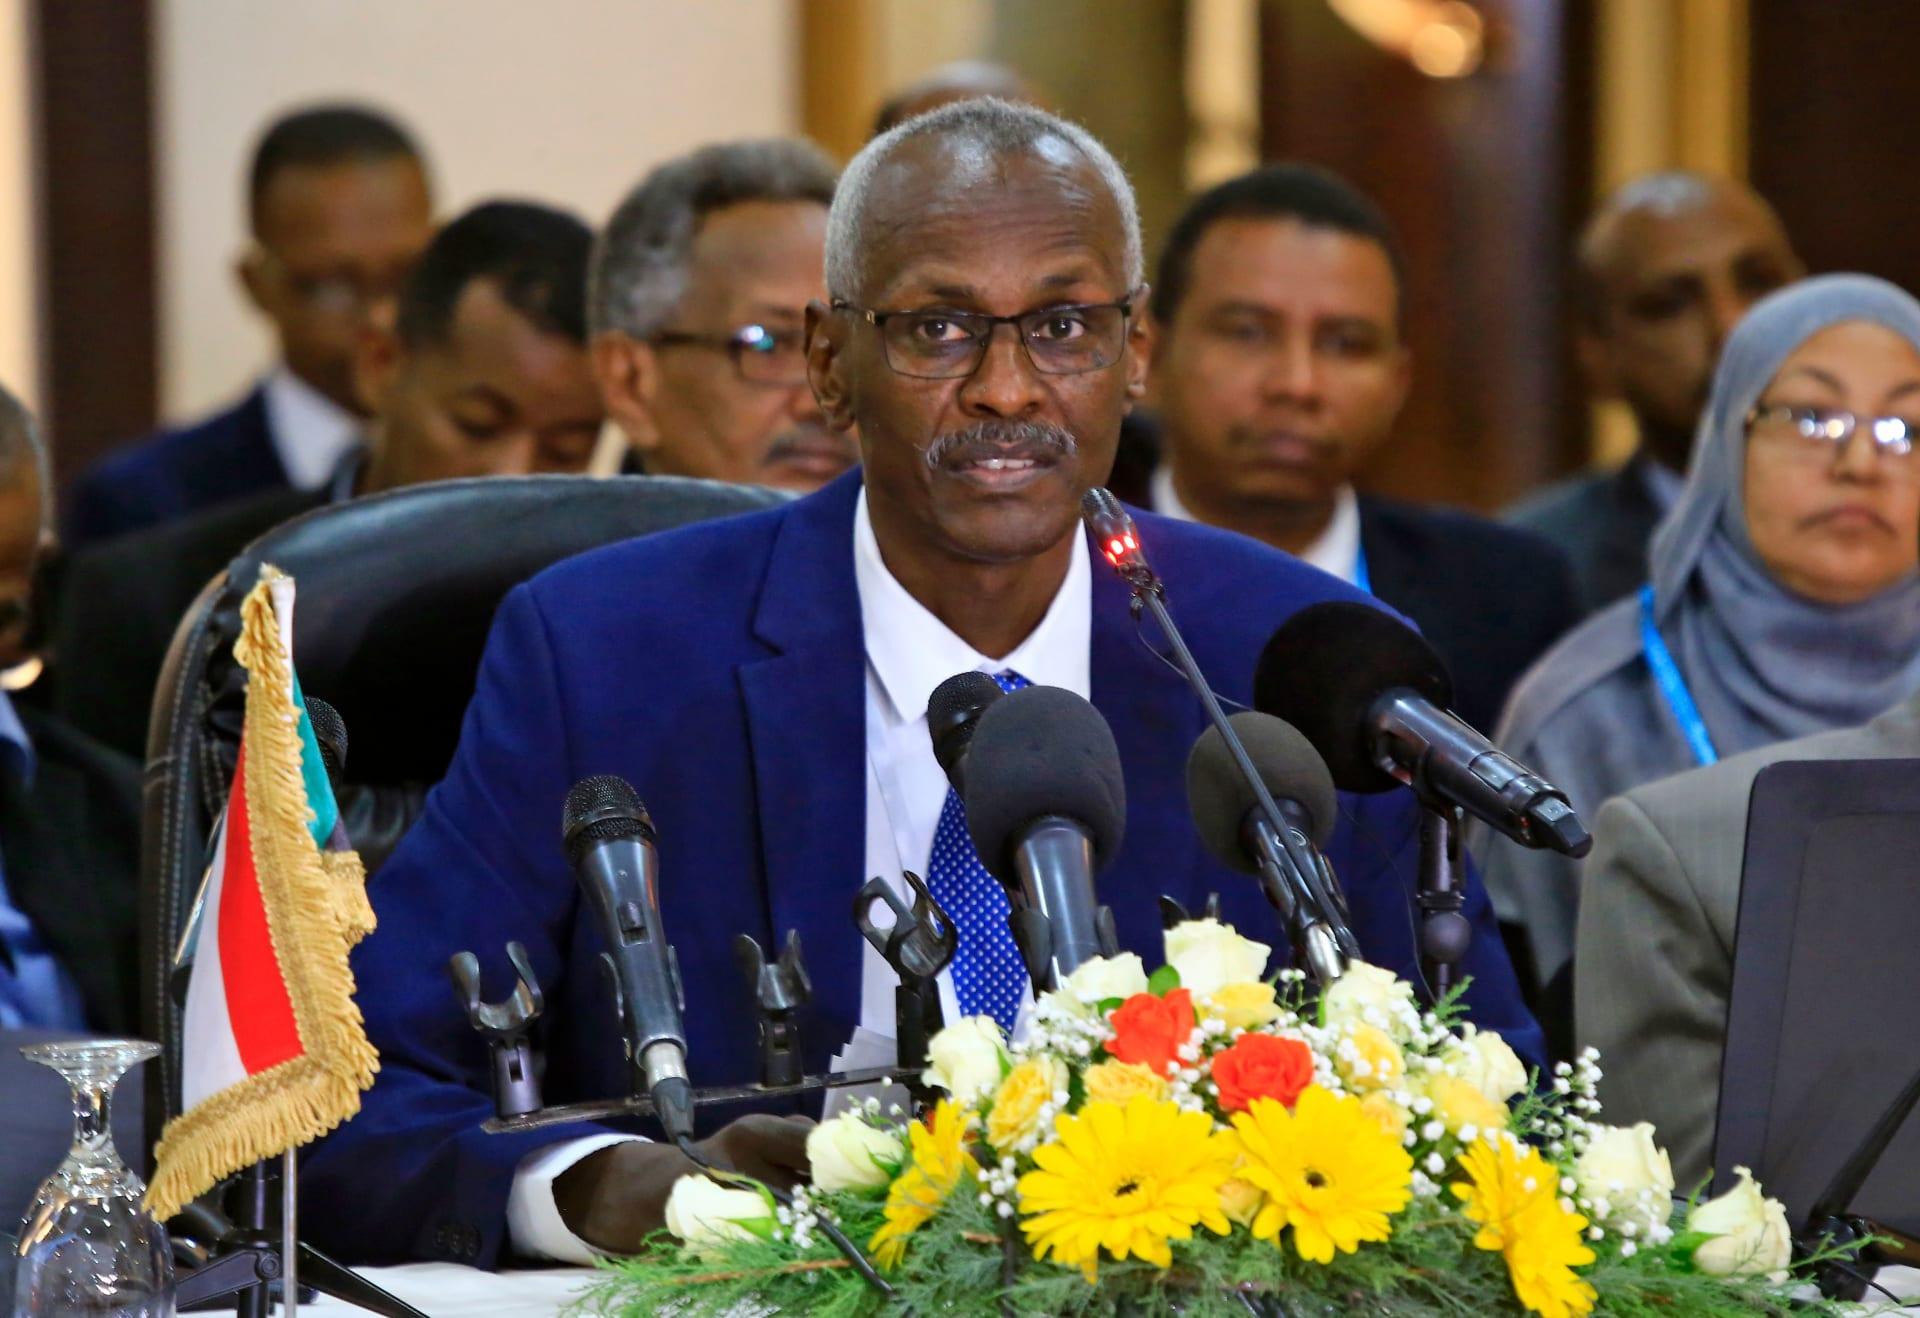 """""""دورة مُفرغة"""".. مصر والسودان يعلنان """"فشل"""" اجتماع مفاوضات سد النهضة الإثيوبي"""